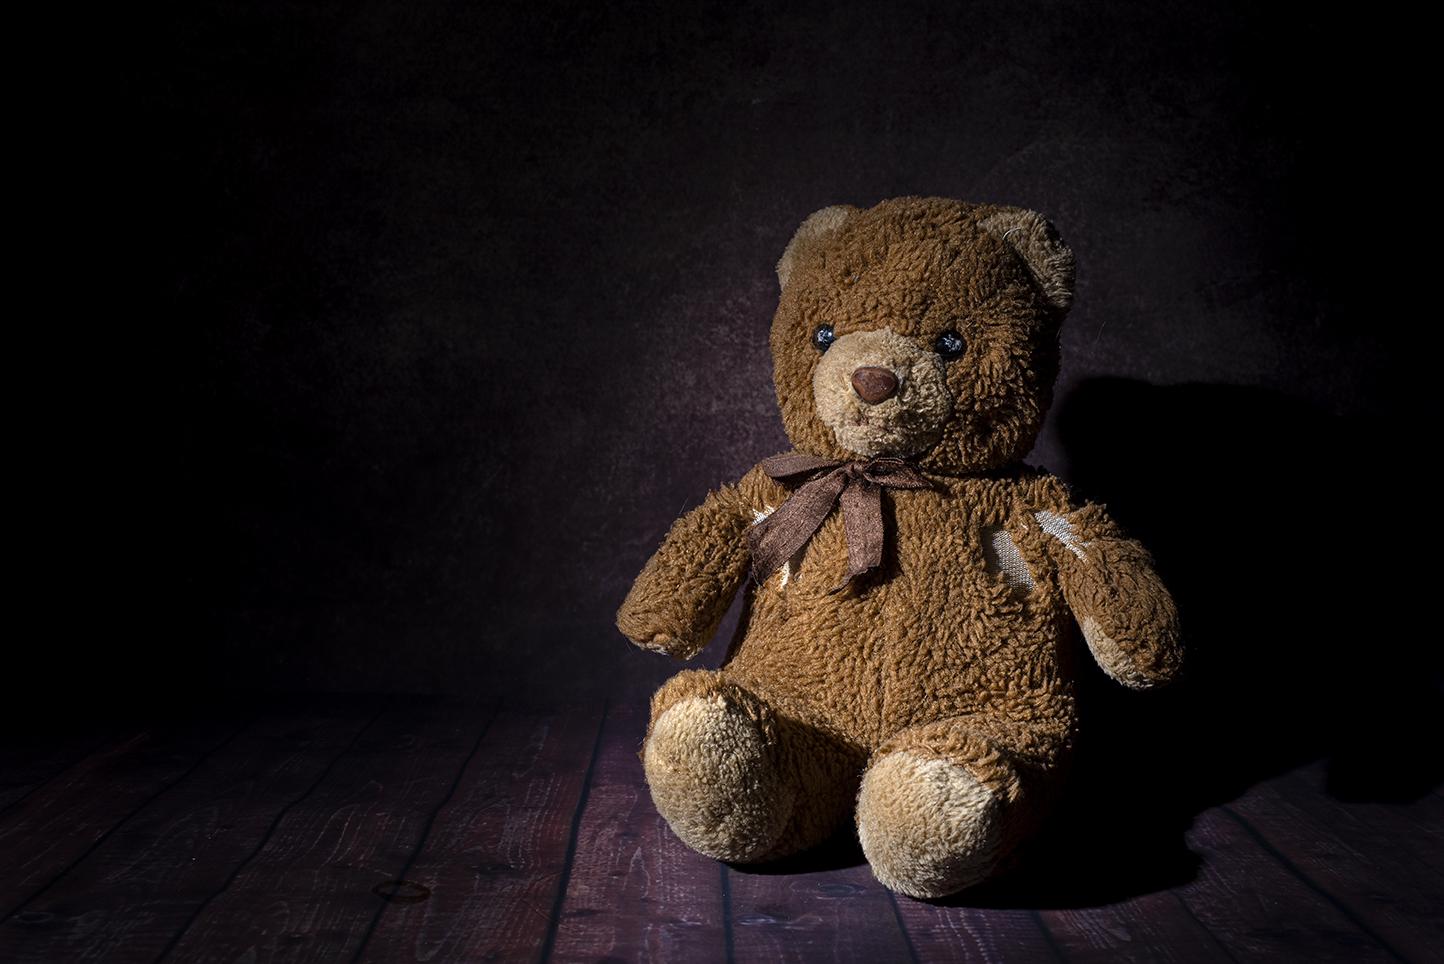 Älskad och sliten teddybjörn.